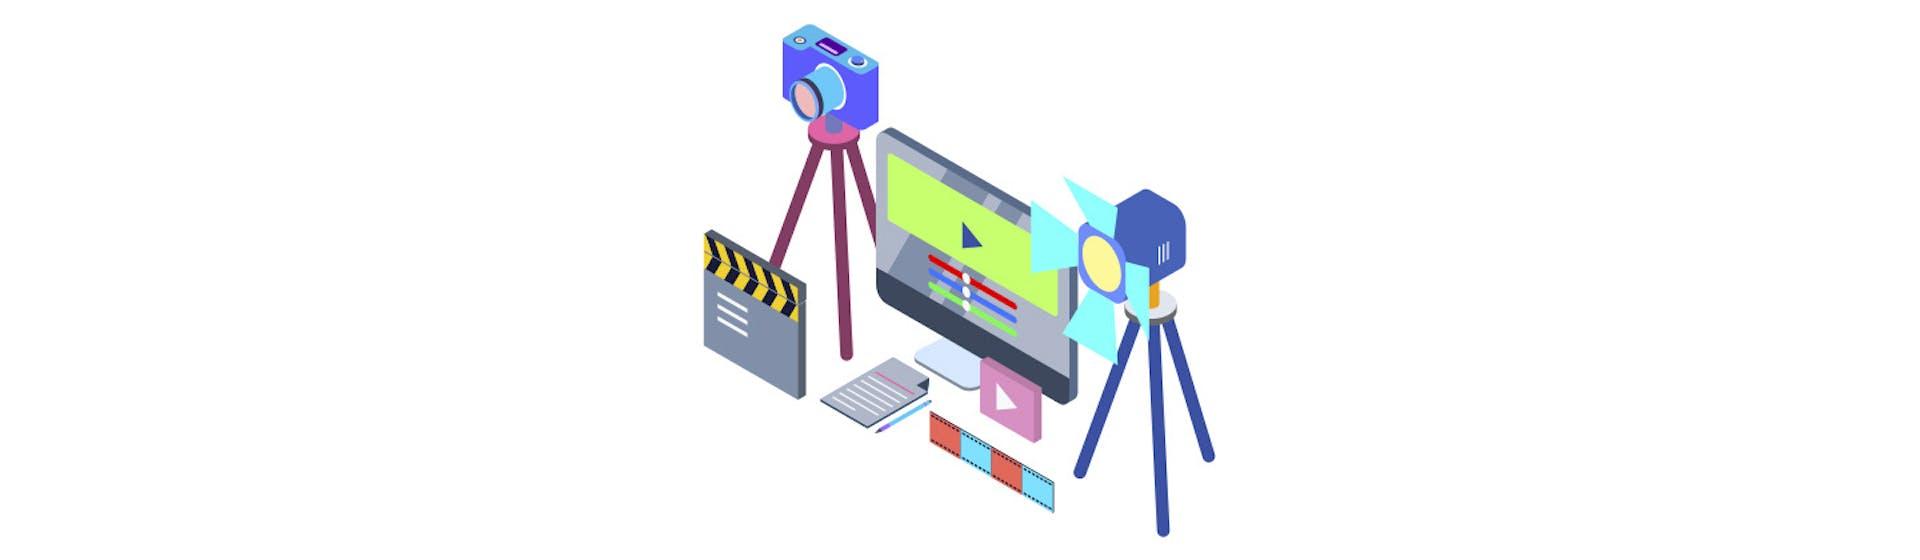 Descubre y sorpréndete ¿Cuáles son las mejores tarjetas gráficas para editar videos?